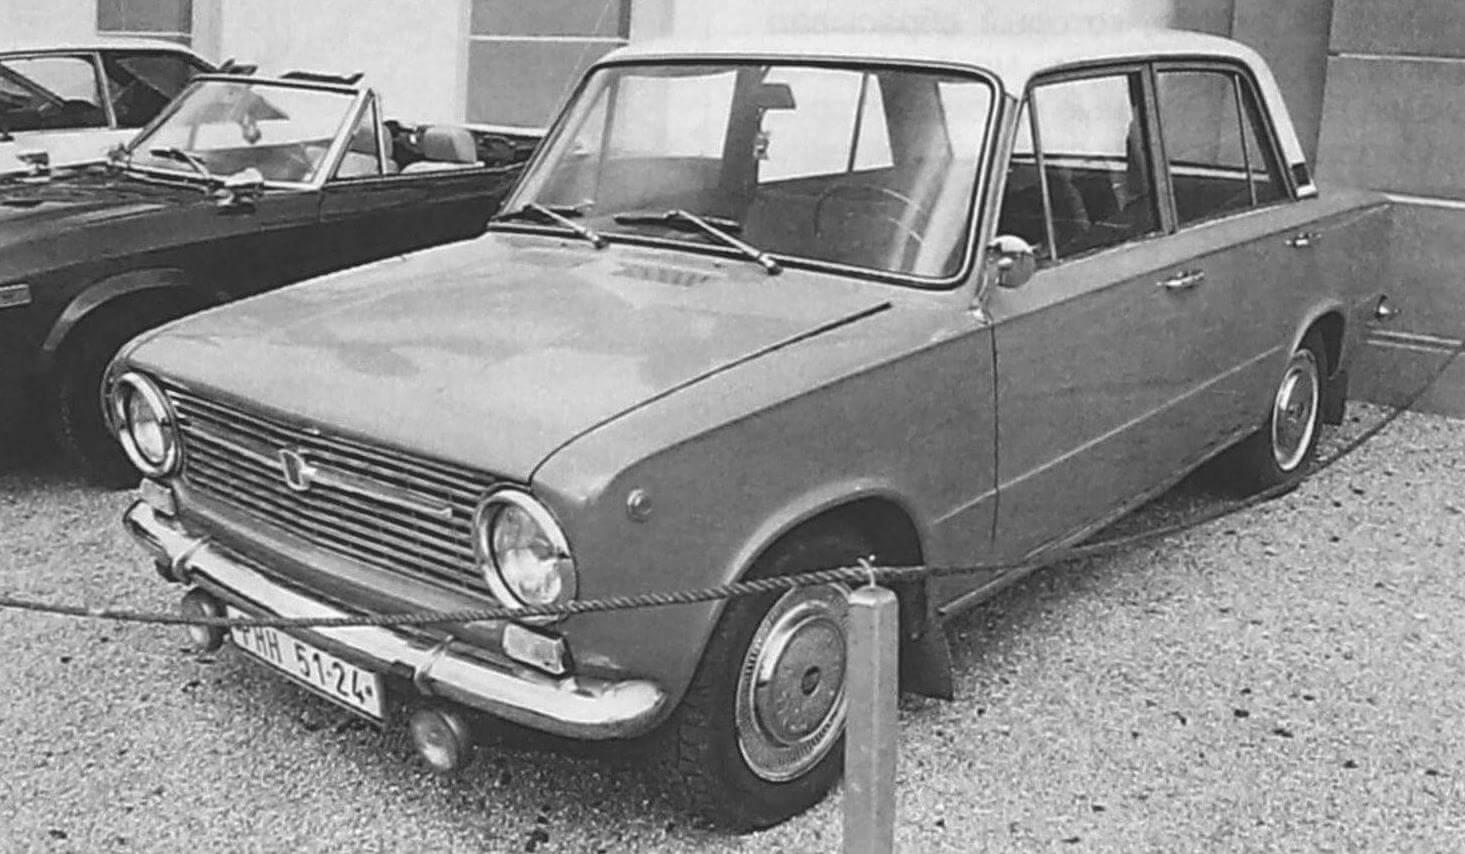 Прототип ВАЗ-2101 - Fiat 124 имеет ряд внешних отличий